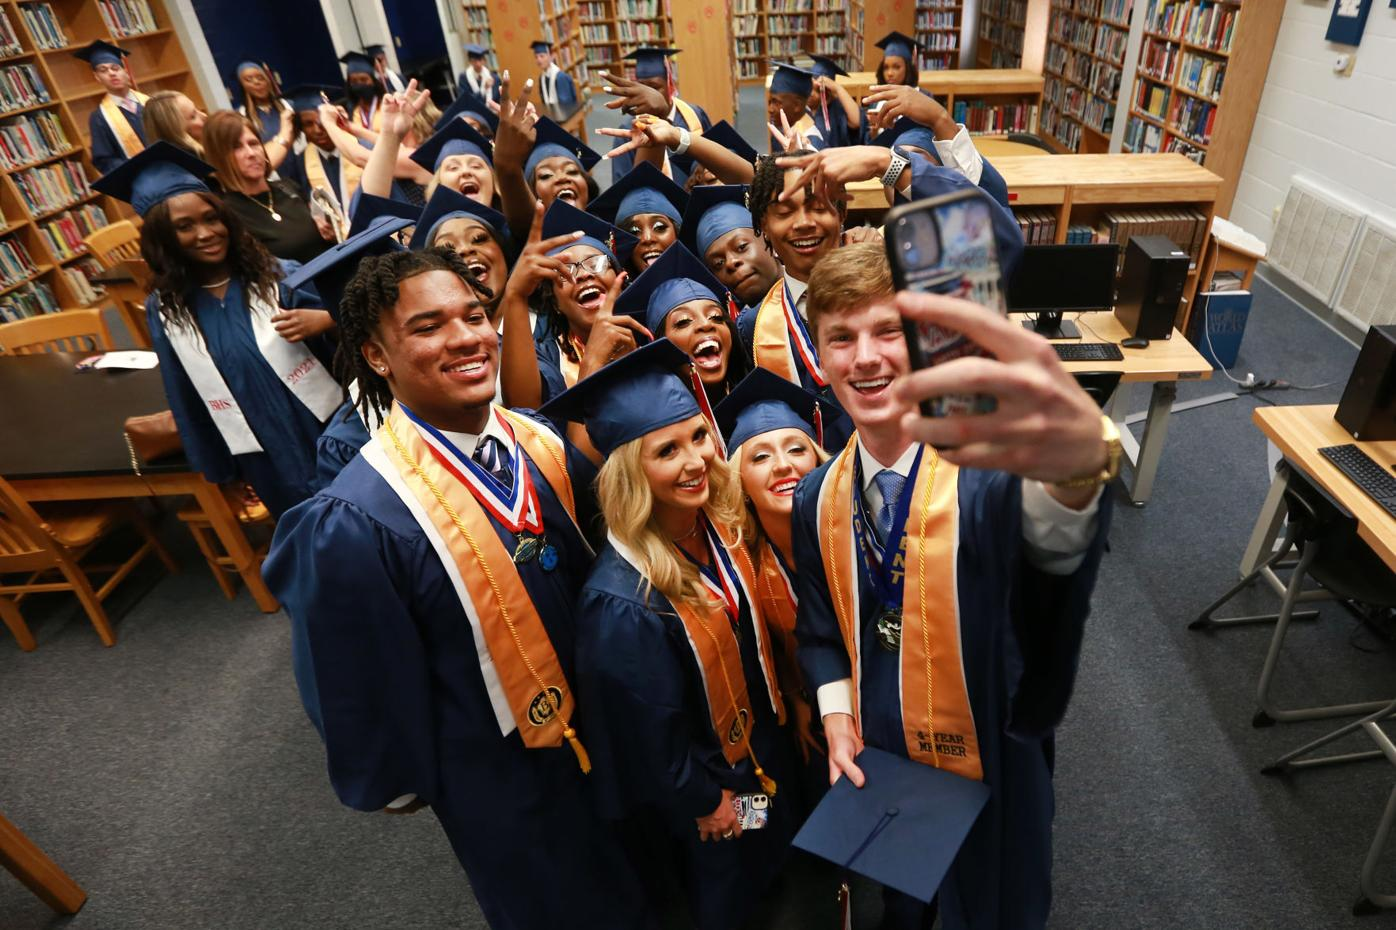 djr-2021-05-30-news-baldwyn-graduation-arp1